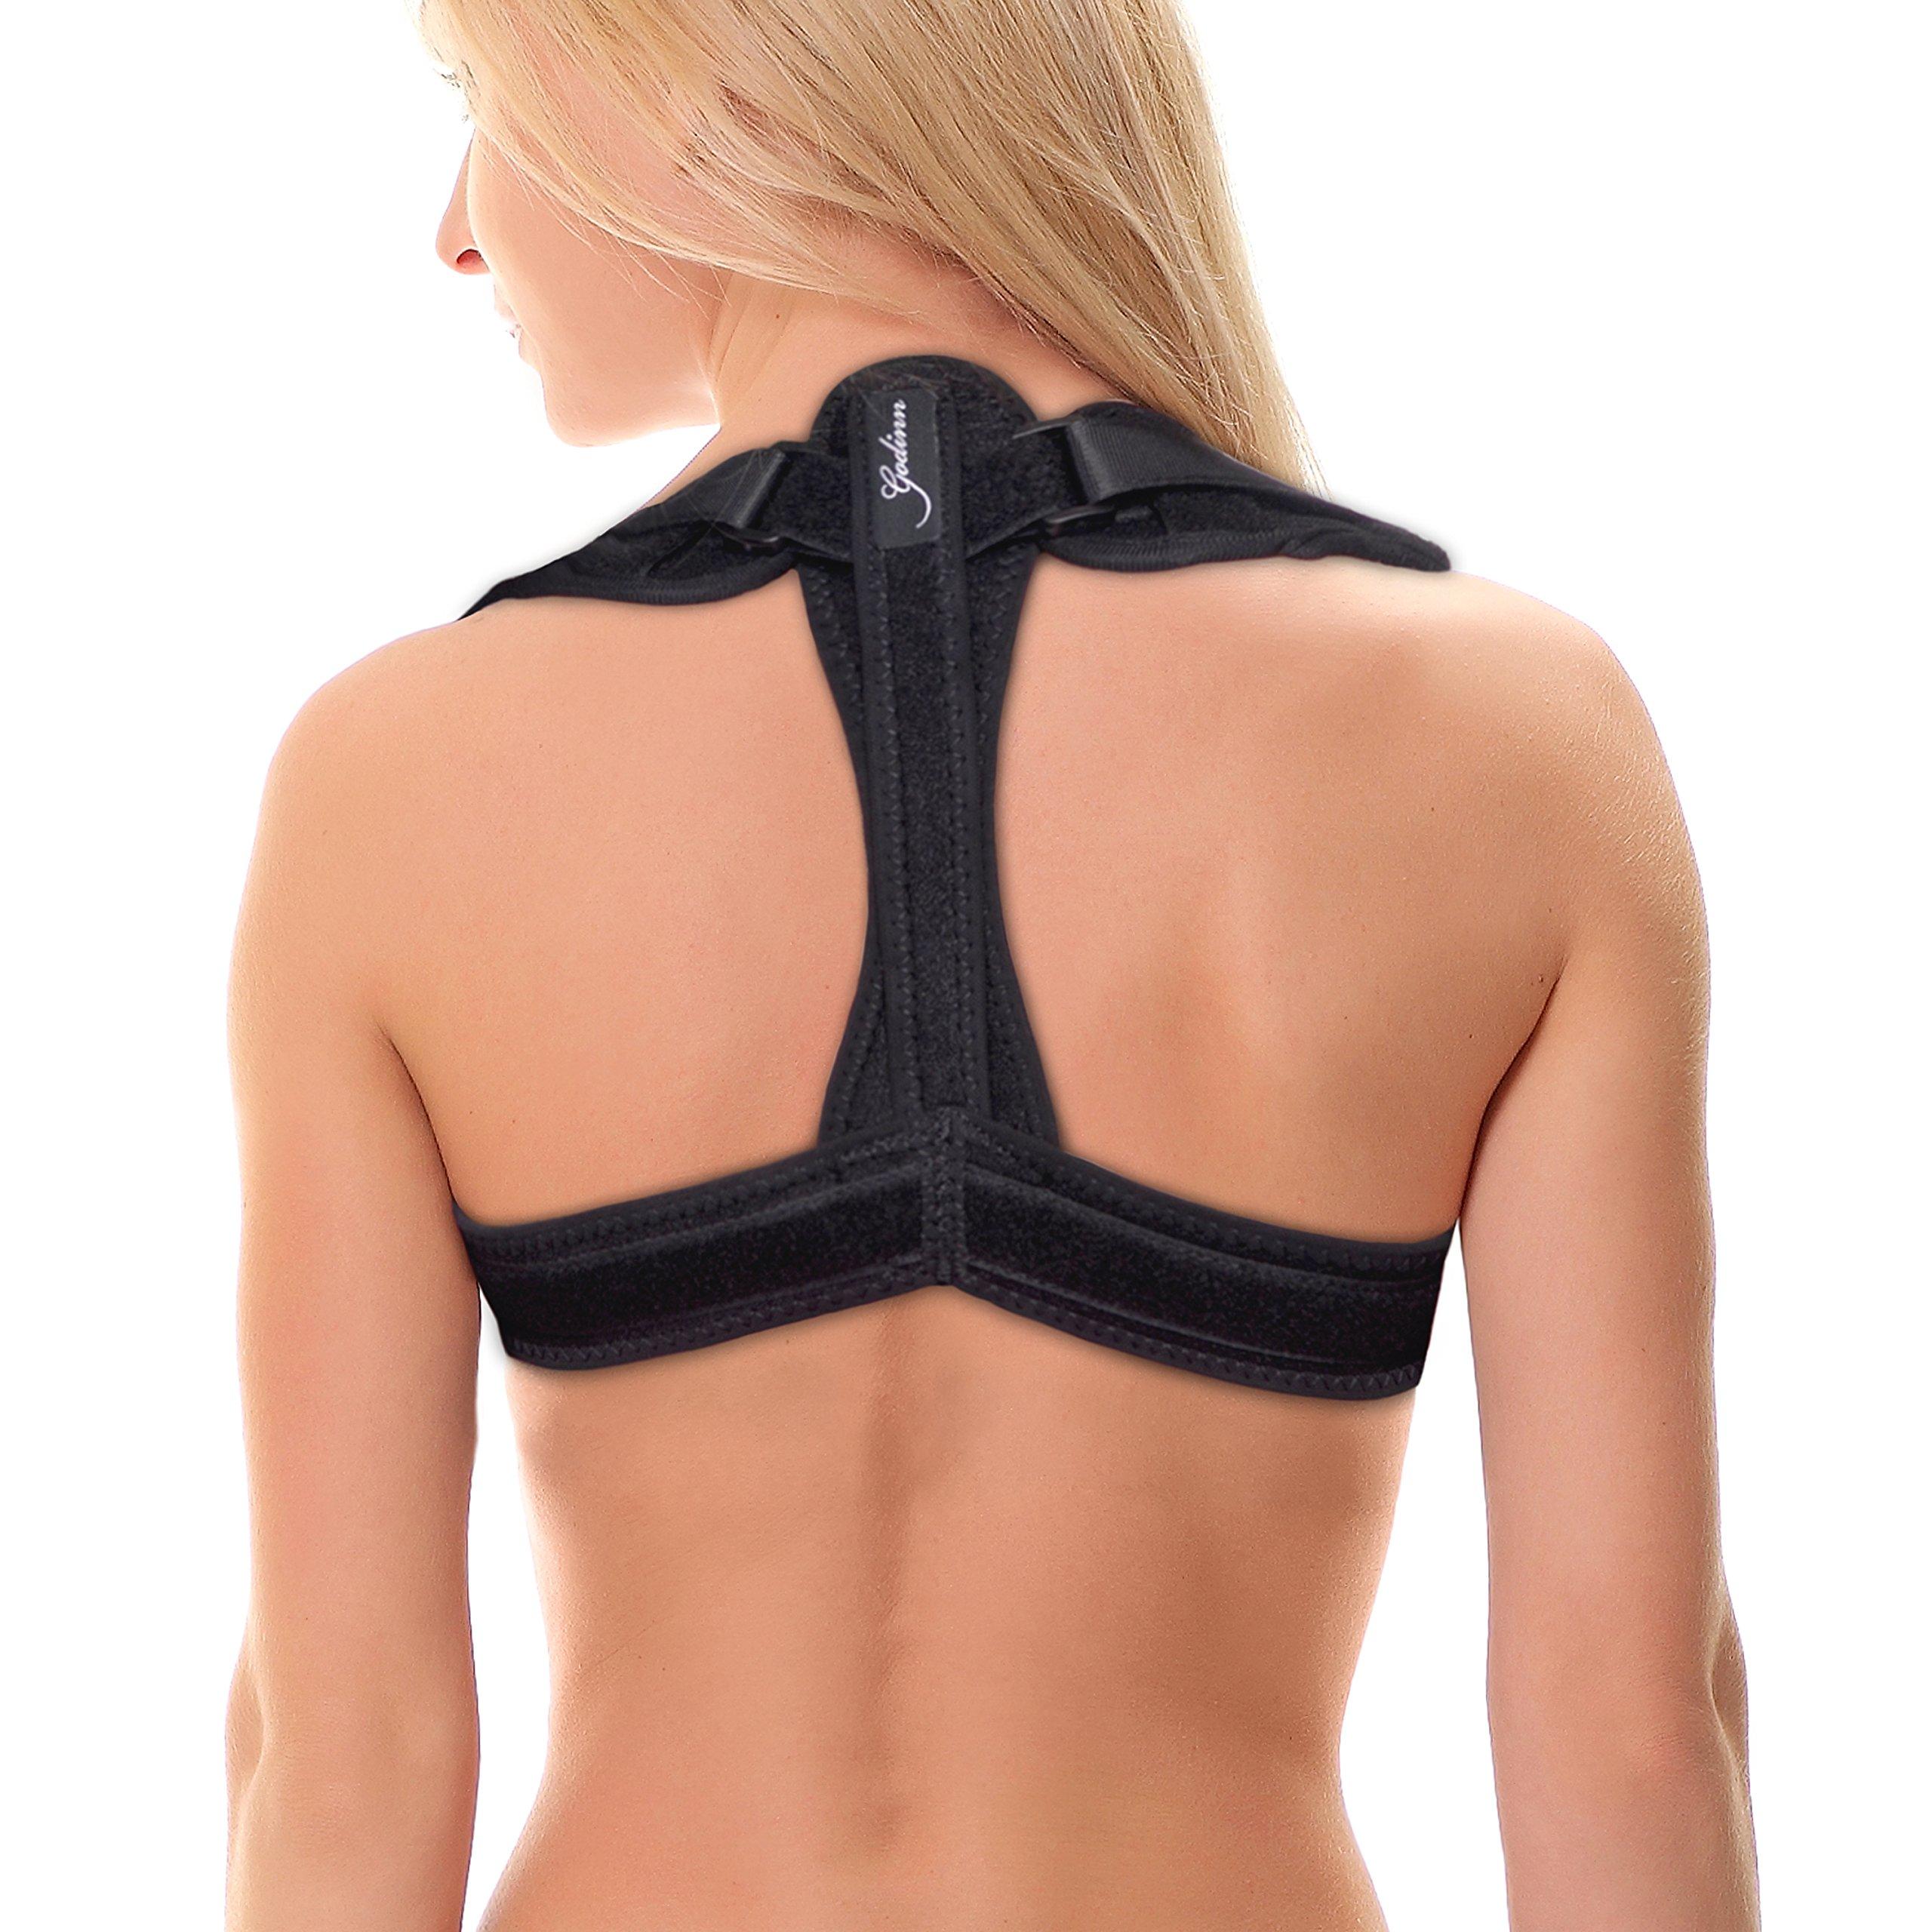 Back Posture Corrector Brace Clavicle Support for Women Men – Kyphosis Scoliosis Back Brace – Adjustable Upper Back Straightener for Improving Posture